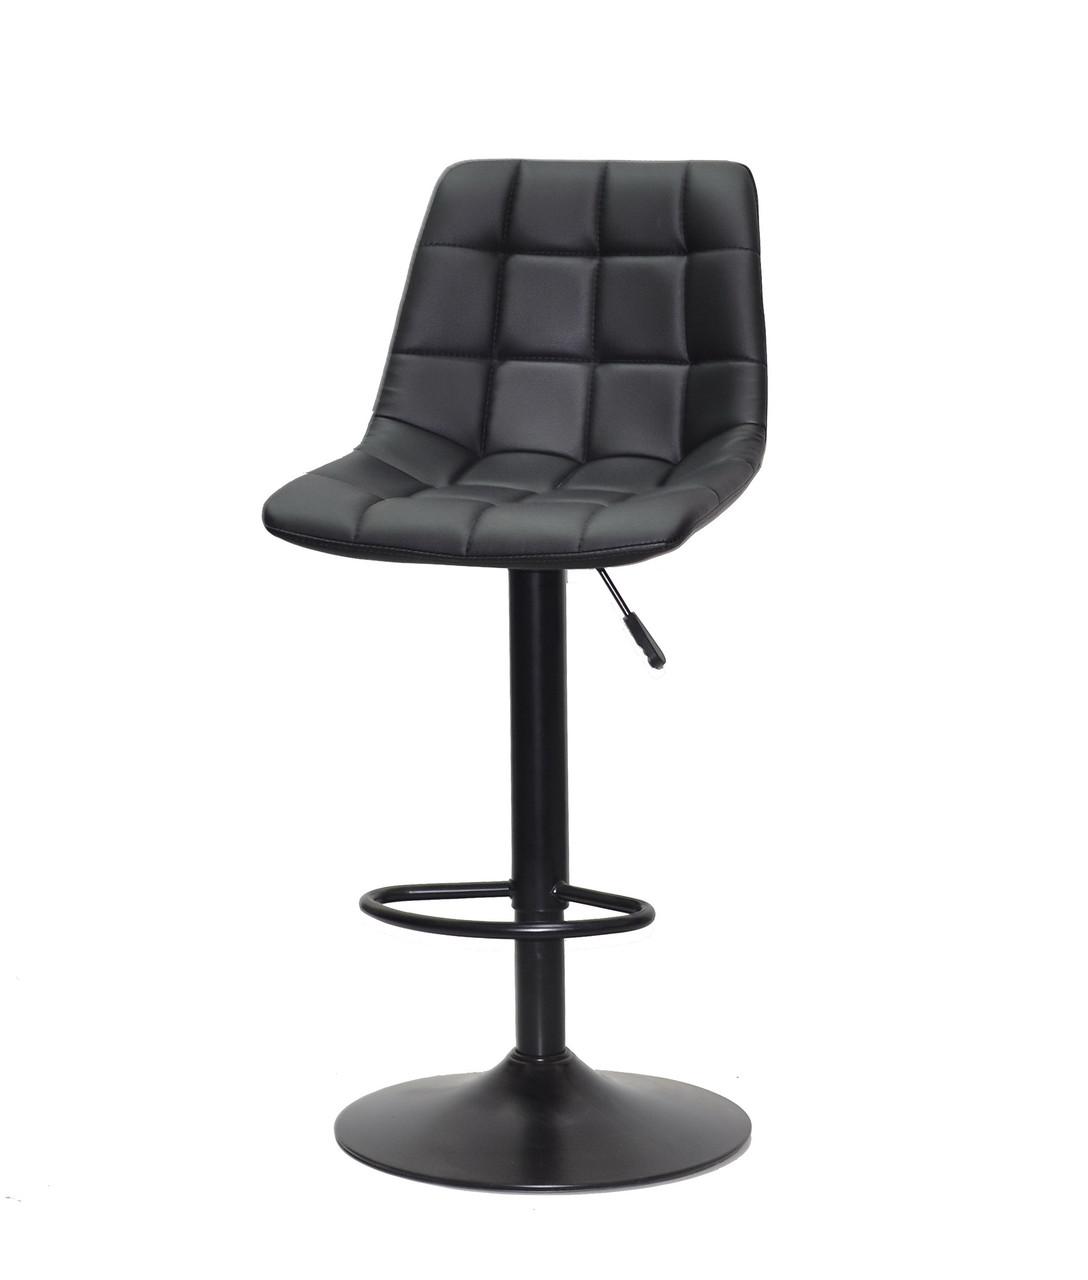 Барное кресло на черном основании черная эко-кожа Robin Bar BK - Base, кресло в салон, кресло мастера